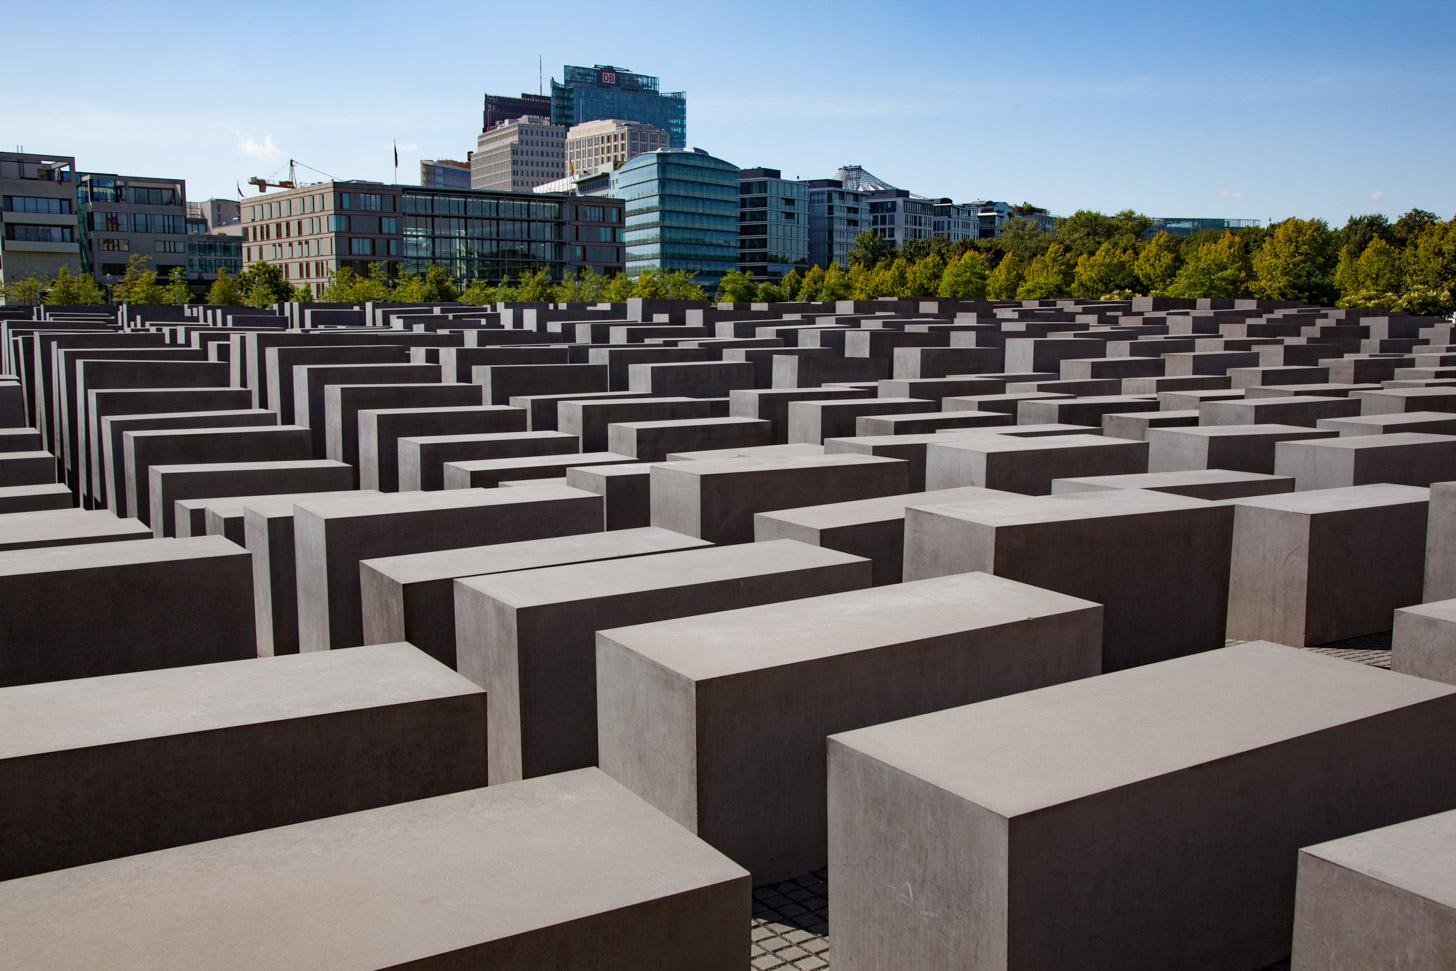 Herdenkingsmonument in Berlijn